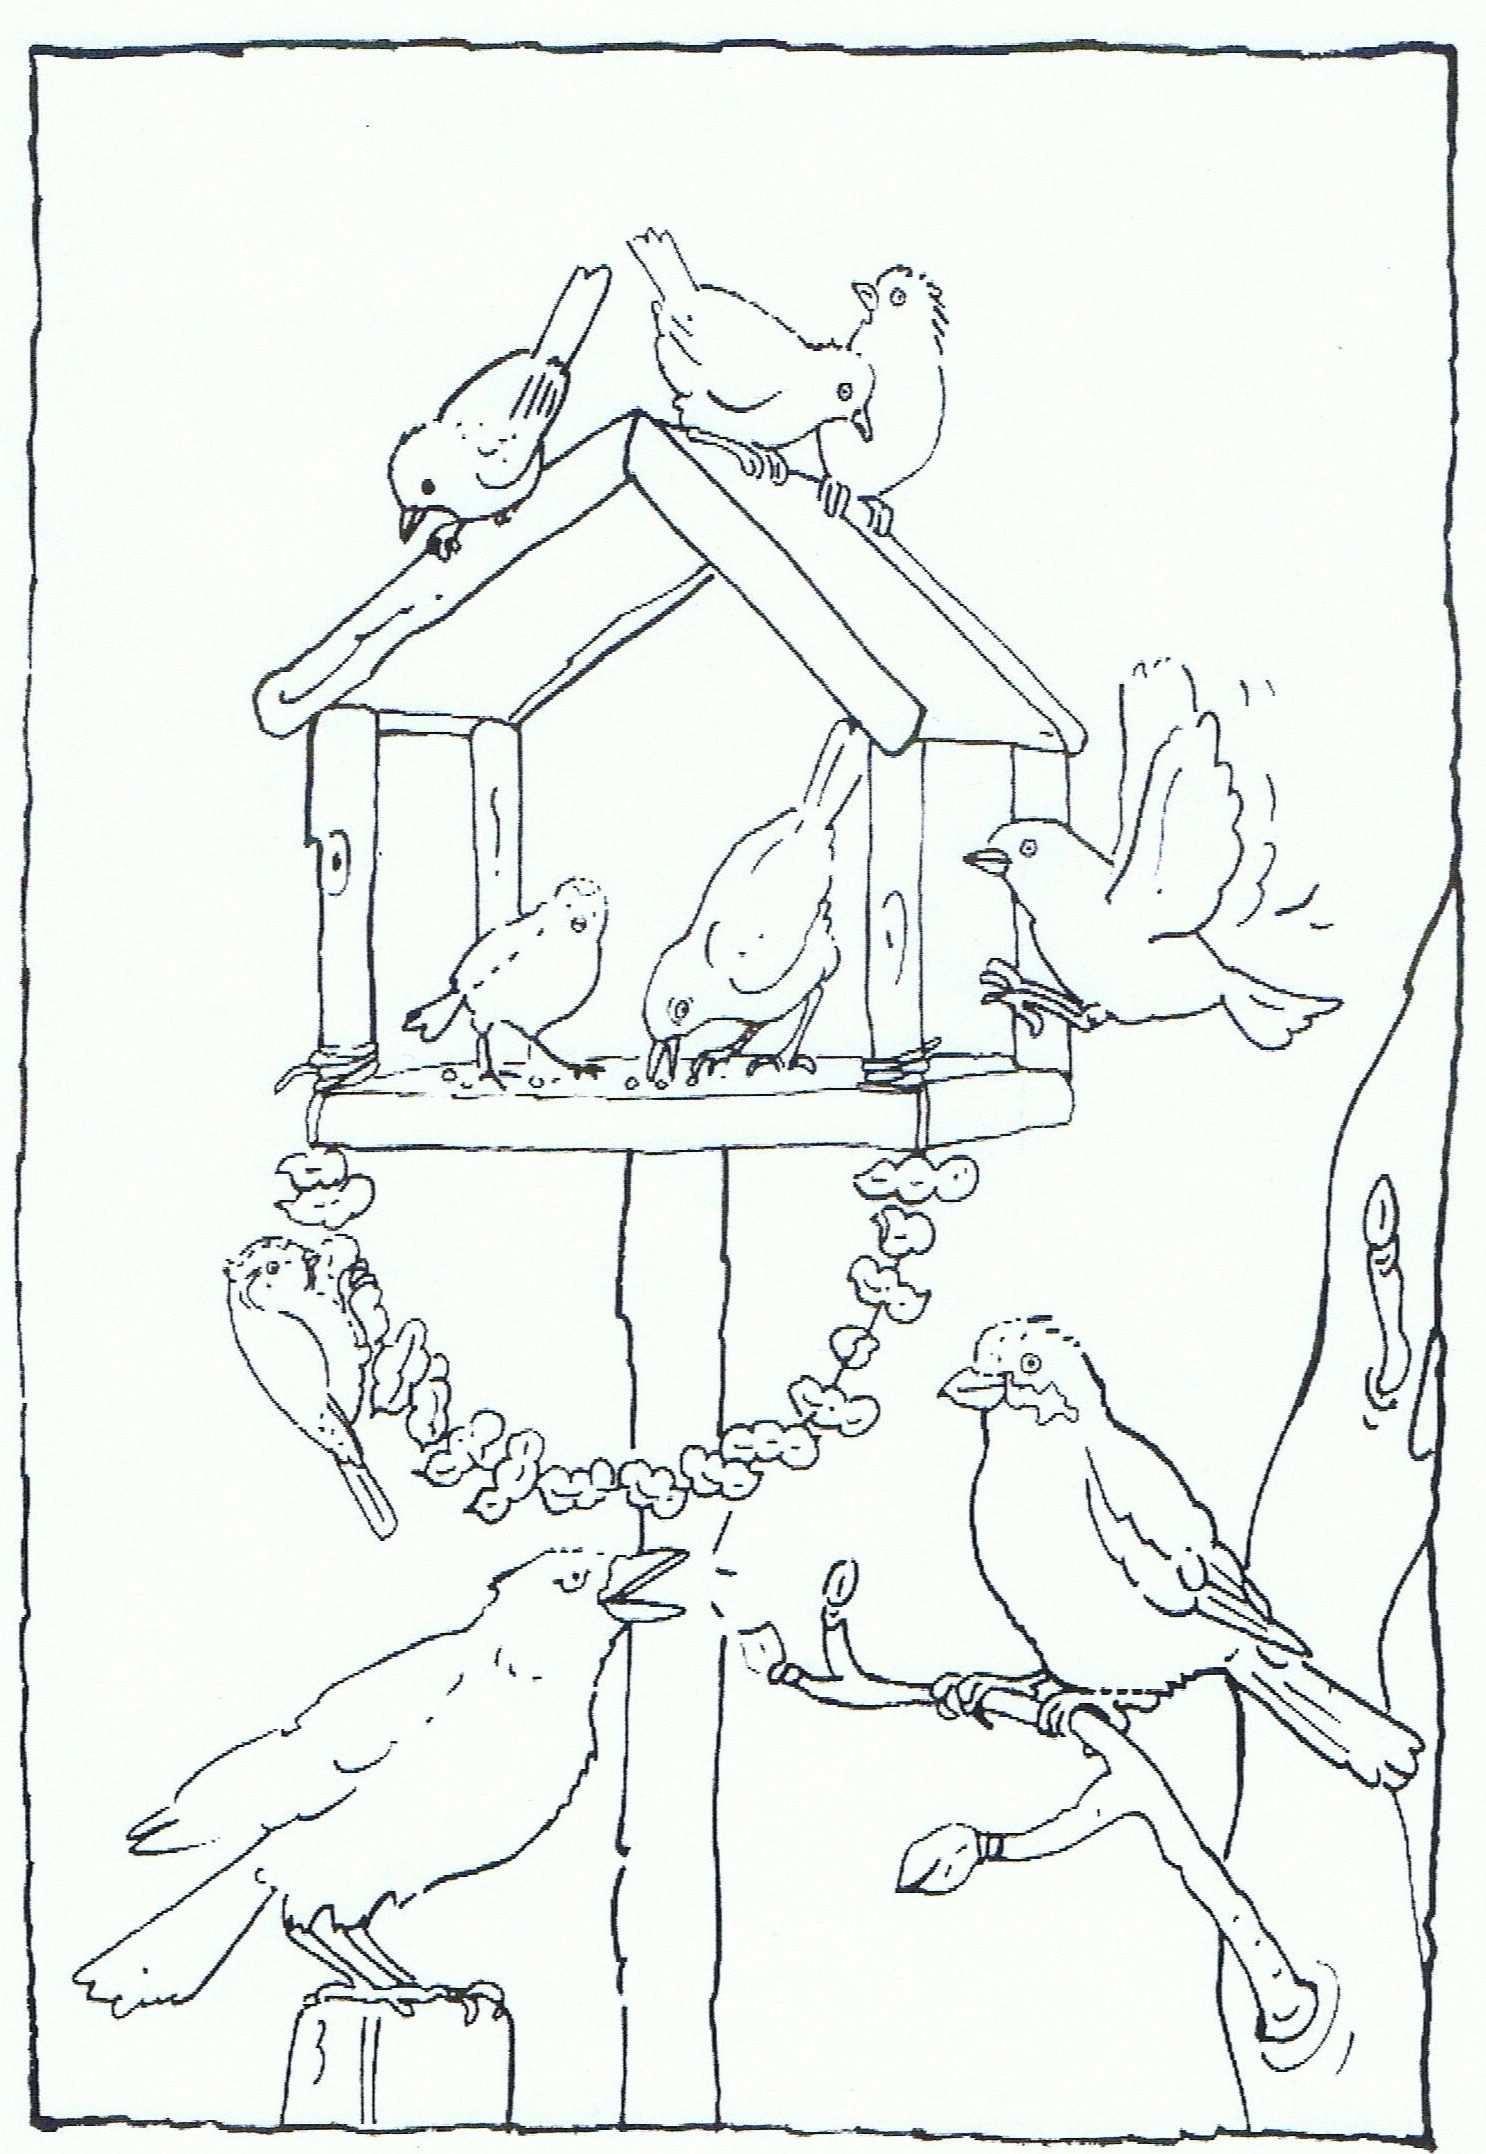 Feeding Birds In Your Garden Coloring Page Vogels Voeren In Je